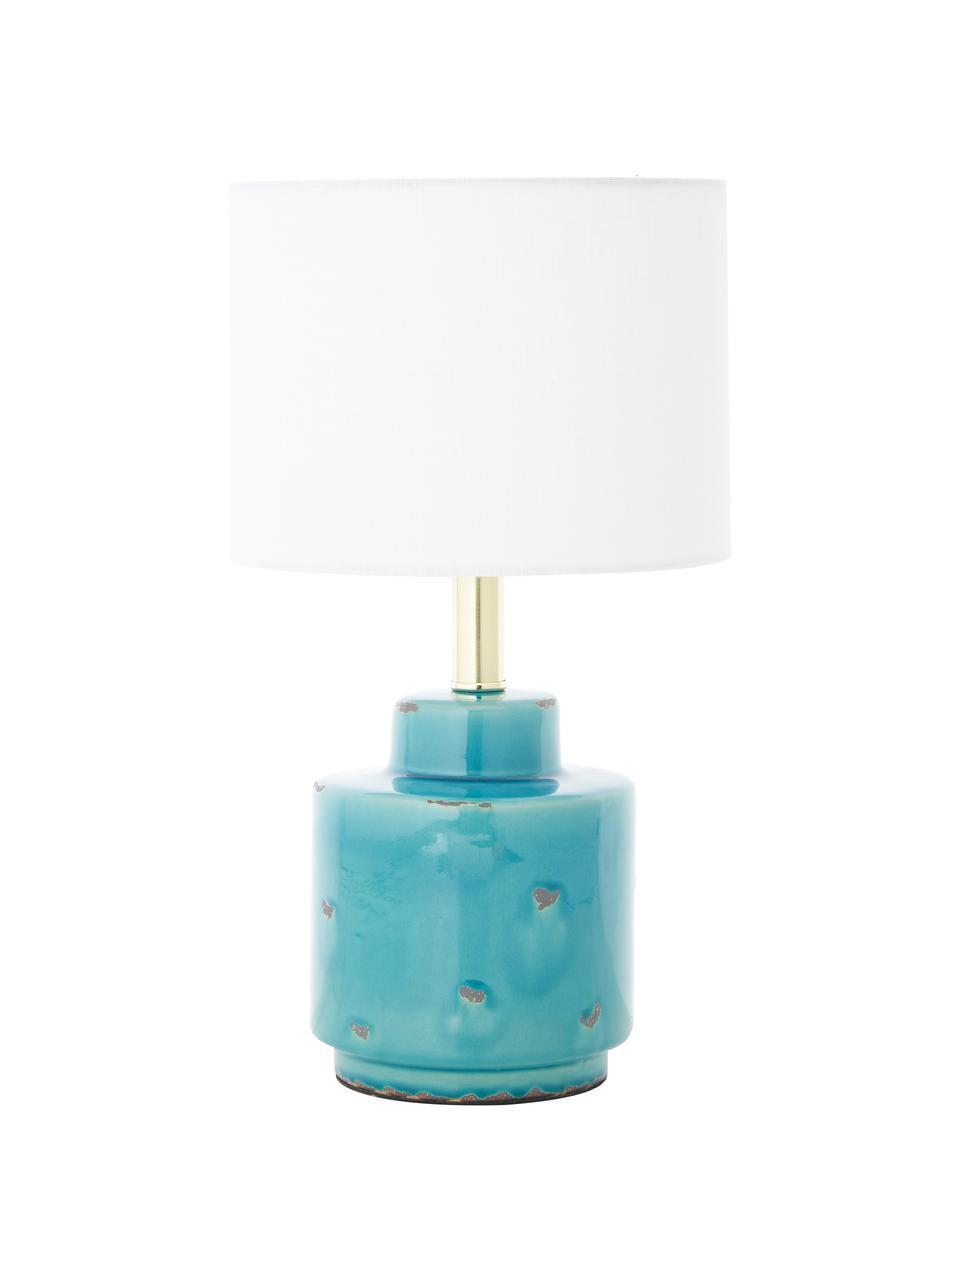 Keramik-Tischlampe Cous mit Antik-Finish, Lampenschirm: Polyester, Lampenfuß: Keramik mit Antik-Finish, Lampenschirm: Weiß Lampenfuß: Blau mit Antik-Finish, Ø 24 x H 42 cm